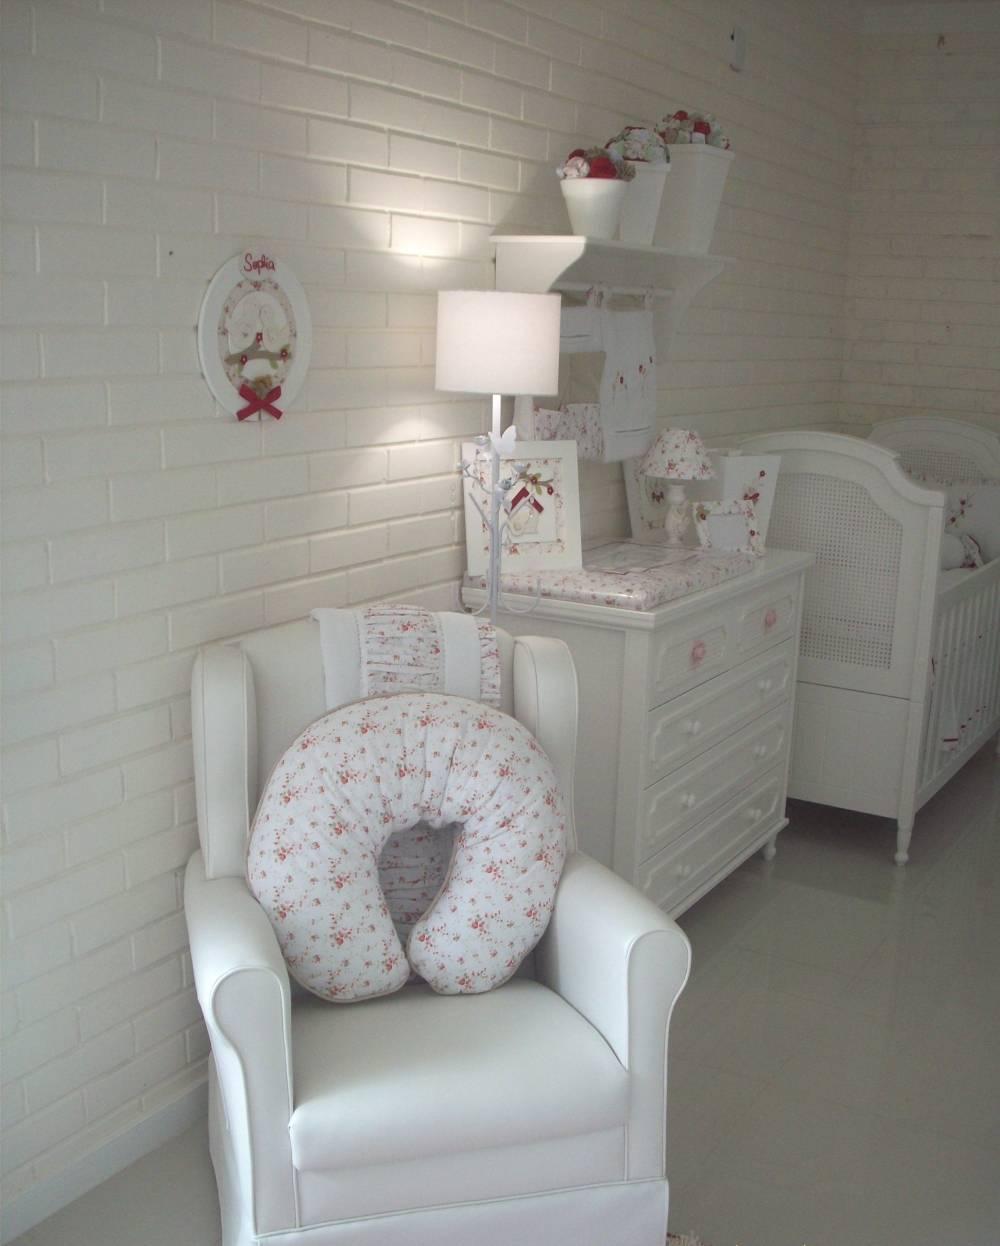 Decoração de Quarto de Bebê em Apartamento Pequeno na Barra Funda - Decoração de Quarto Pequeno para Bebê